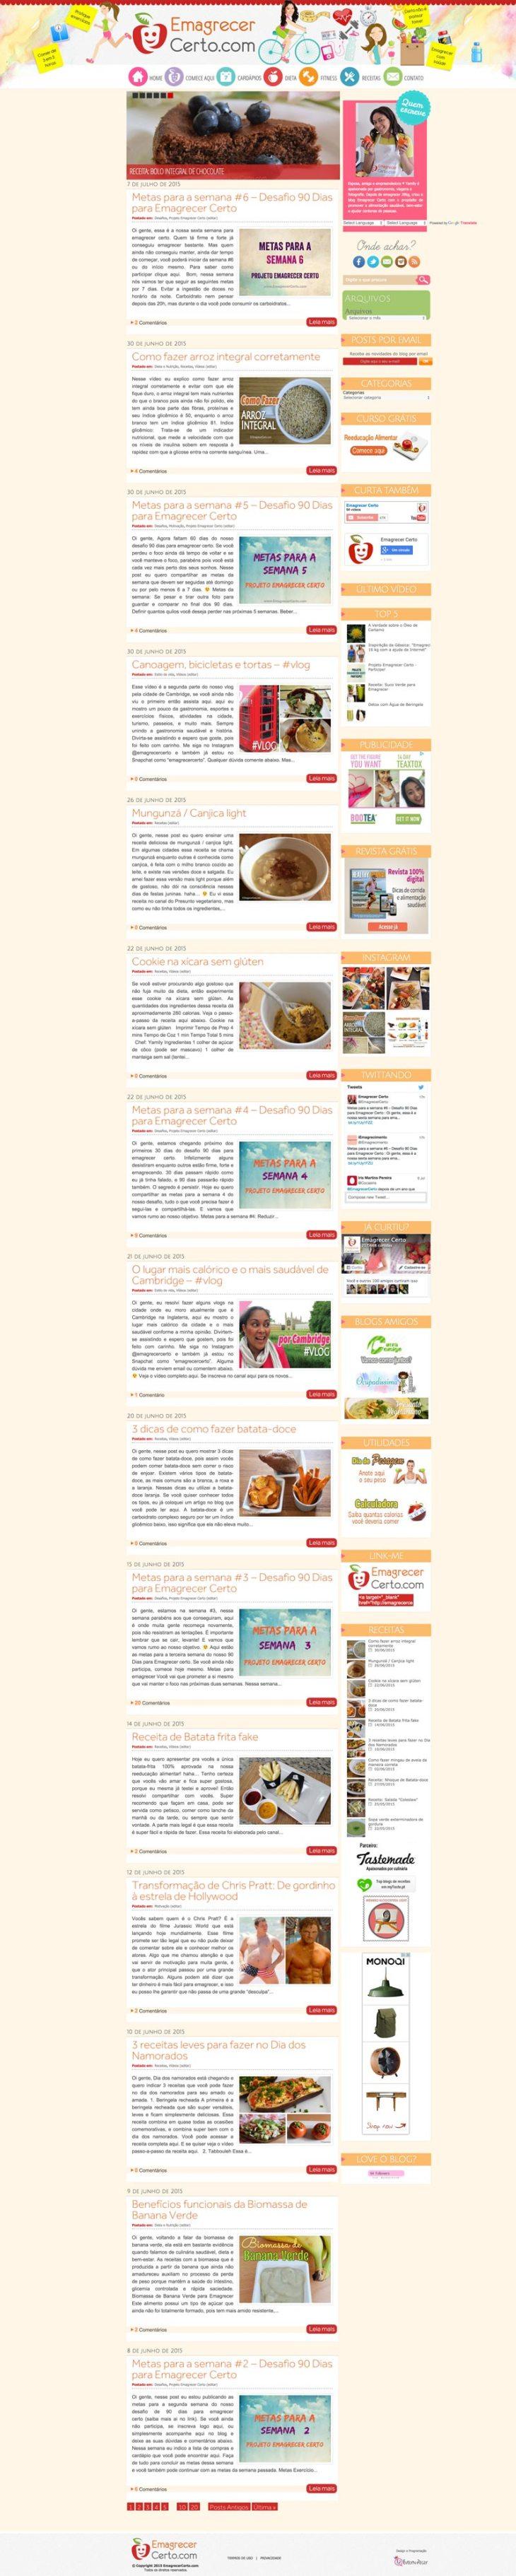 Emagrecer-blog-print